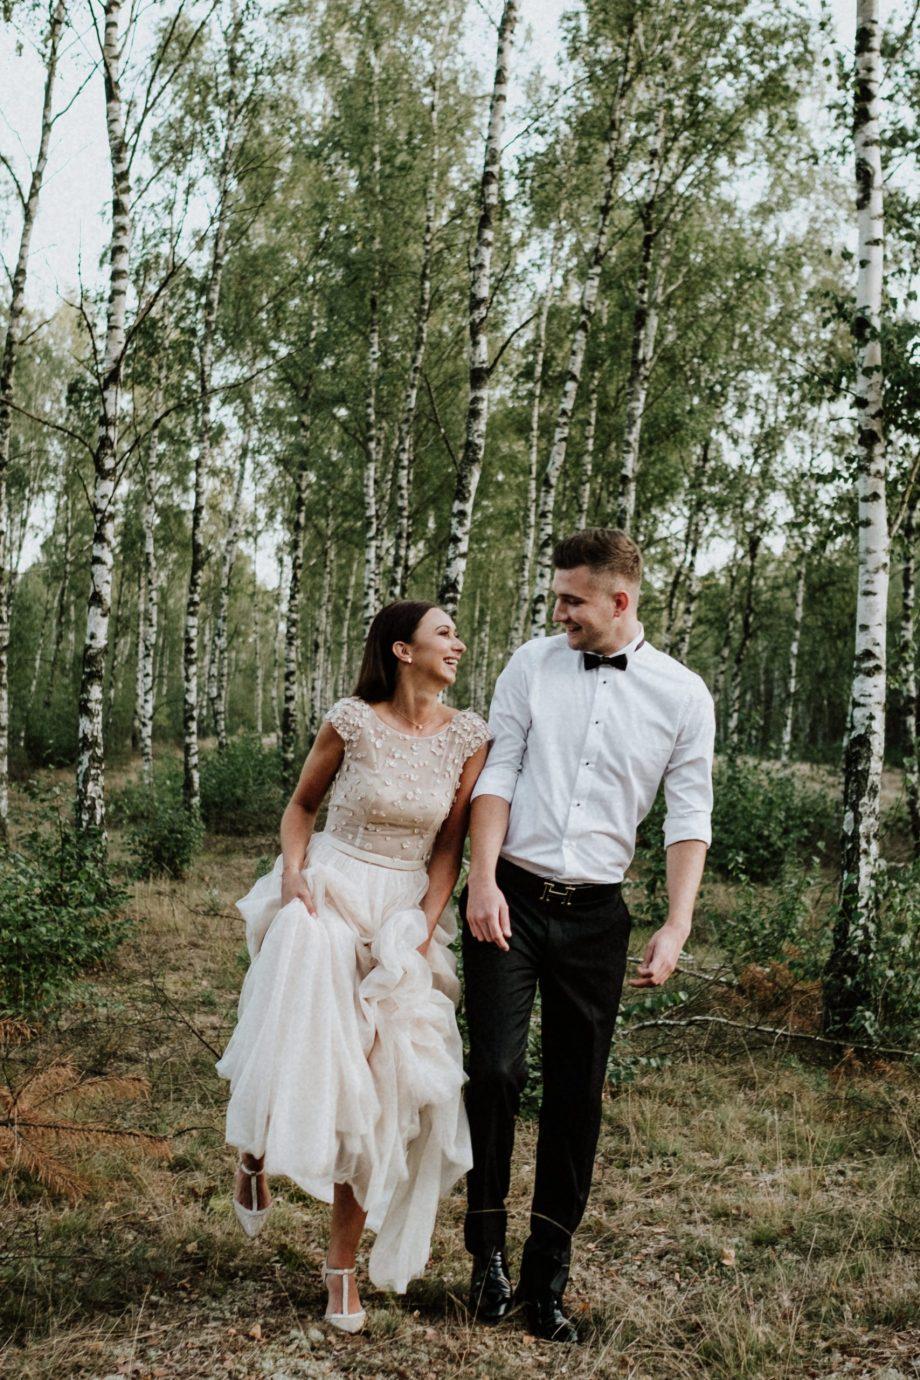 jak dobrze wyjść na zdjęciach ślubnych